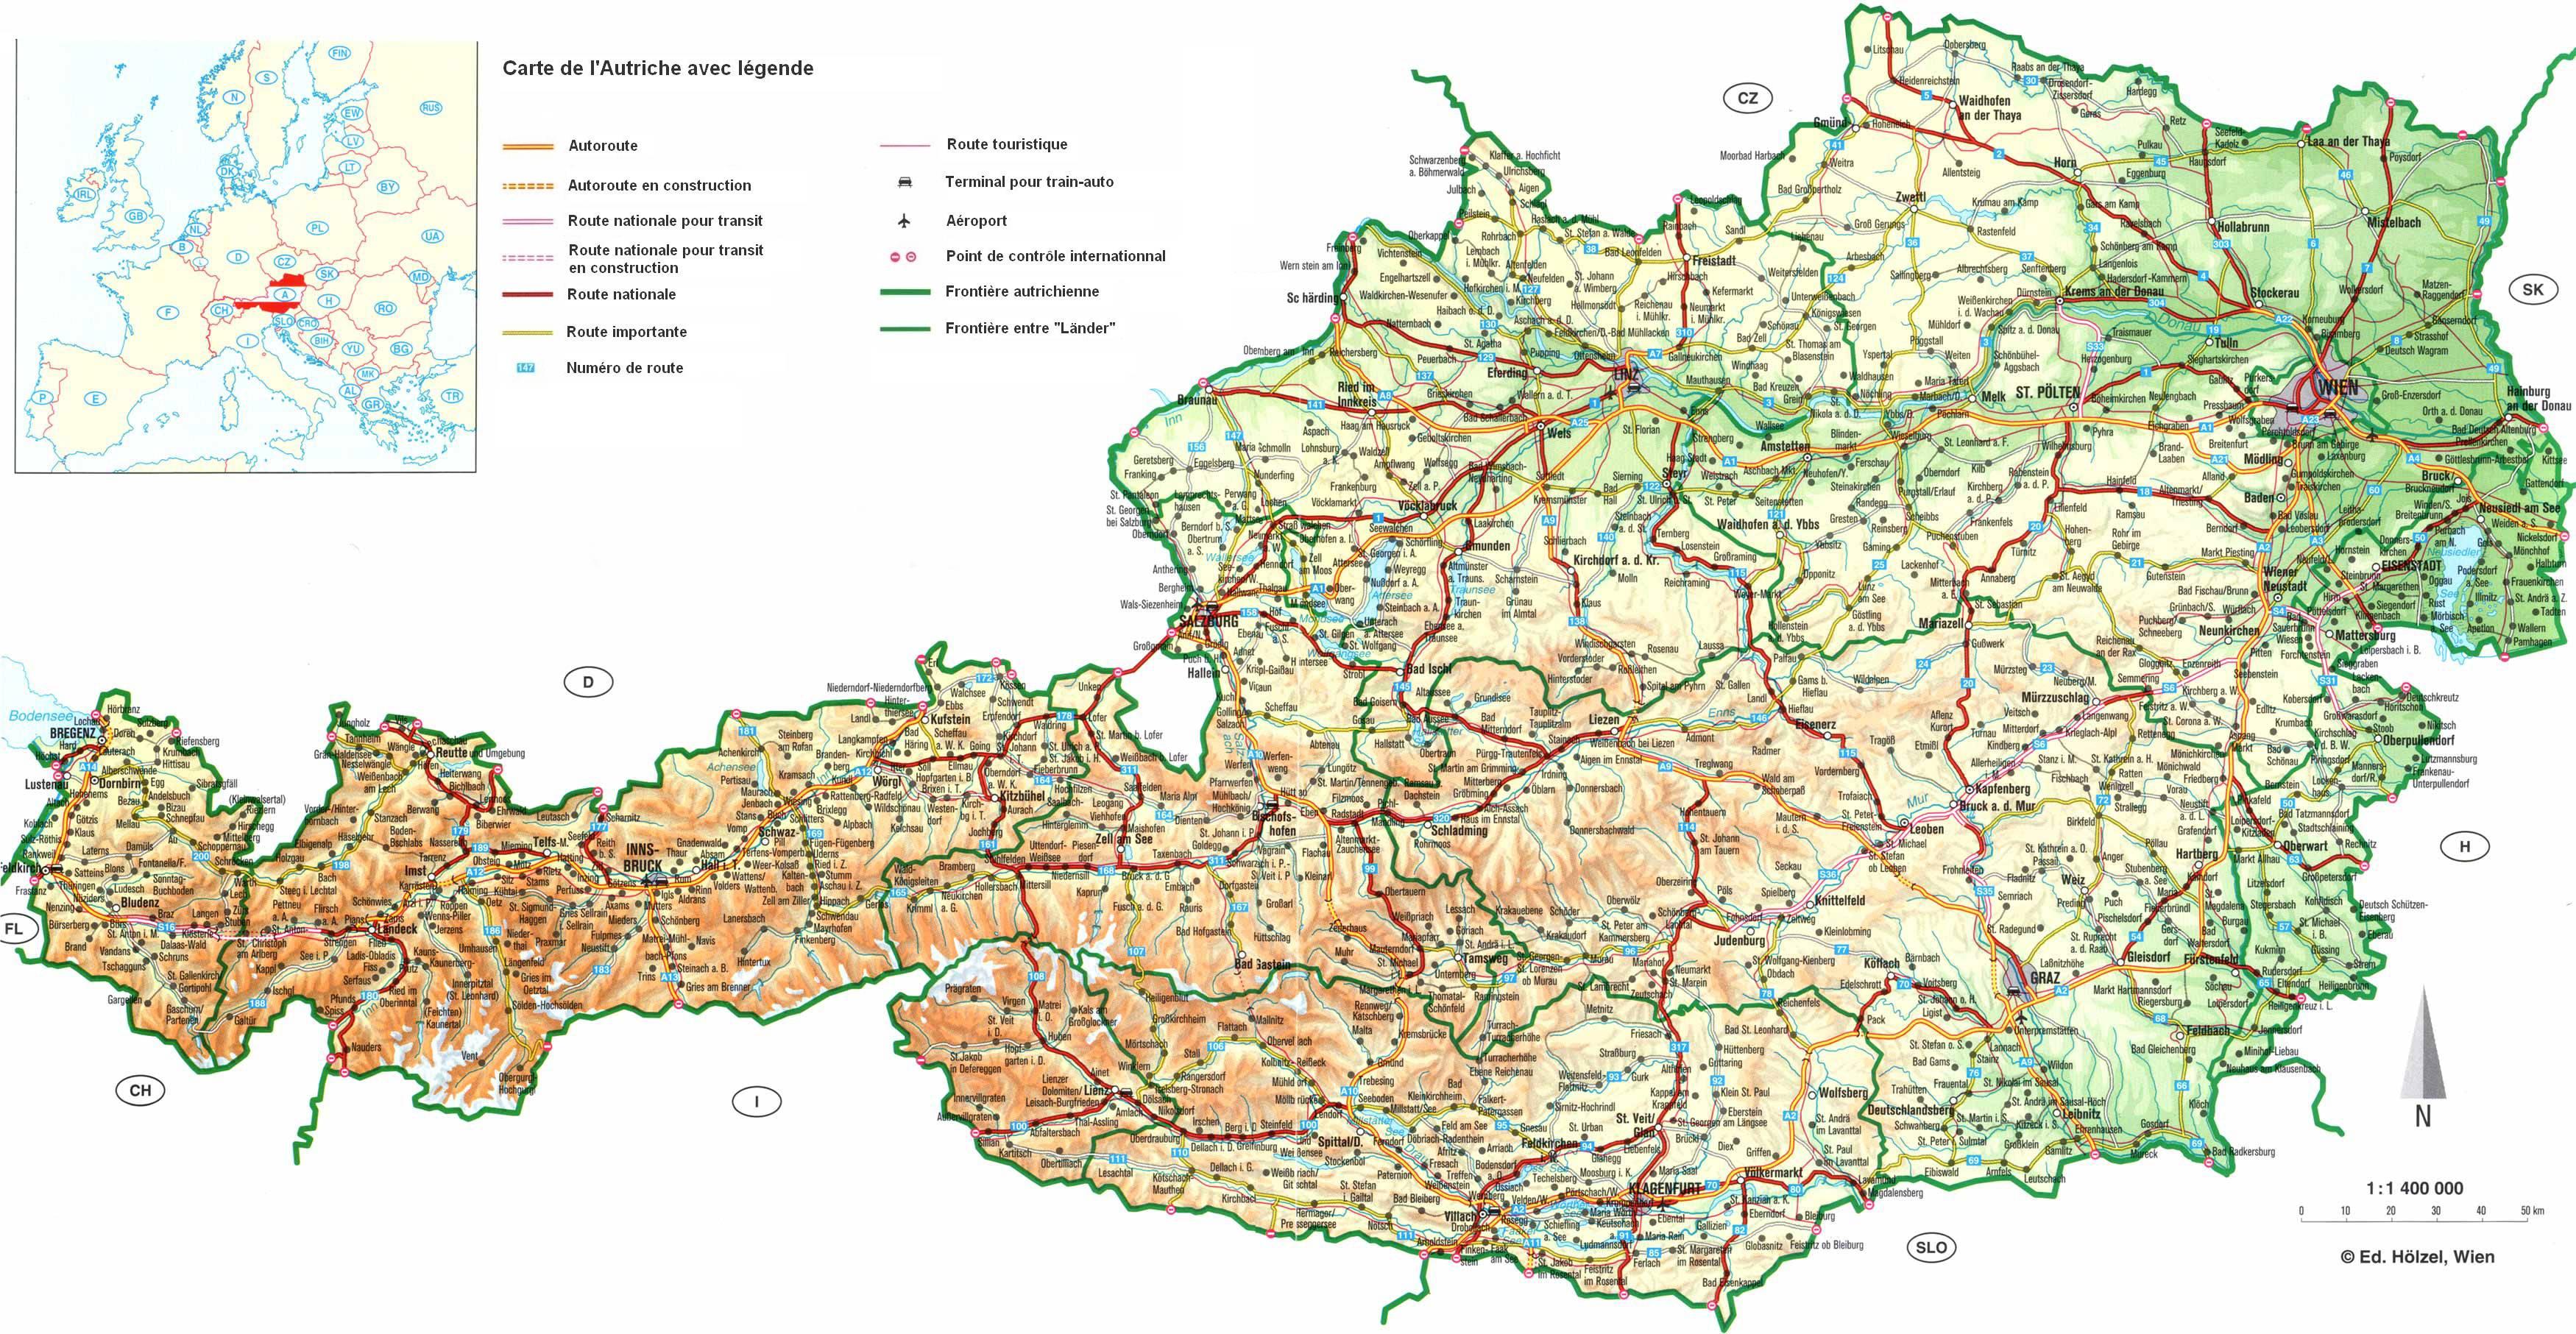 autriche carte touristique-